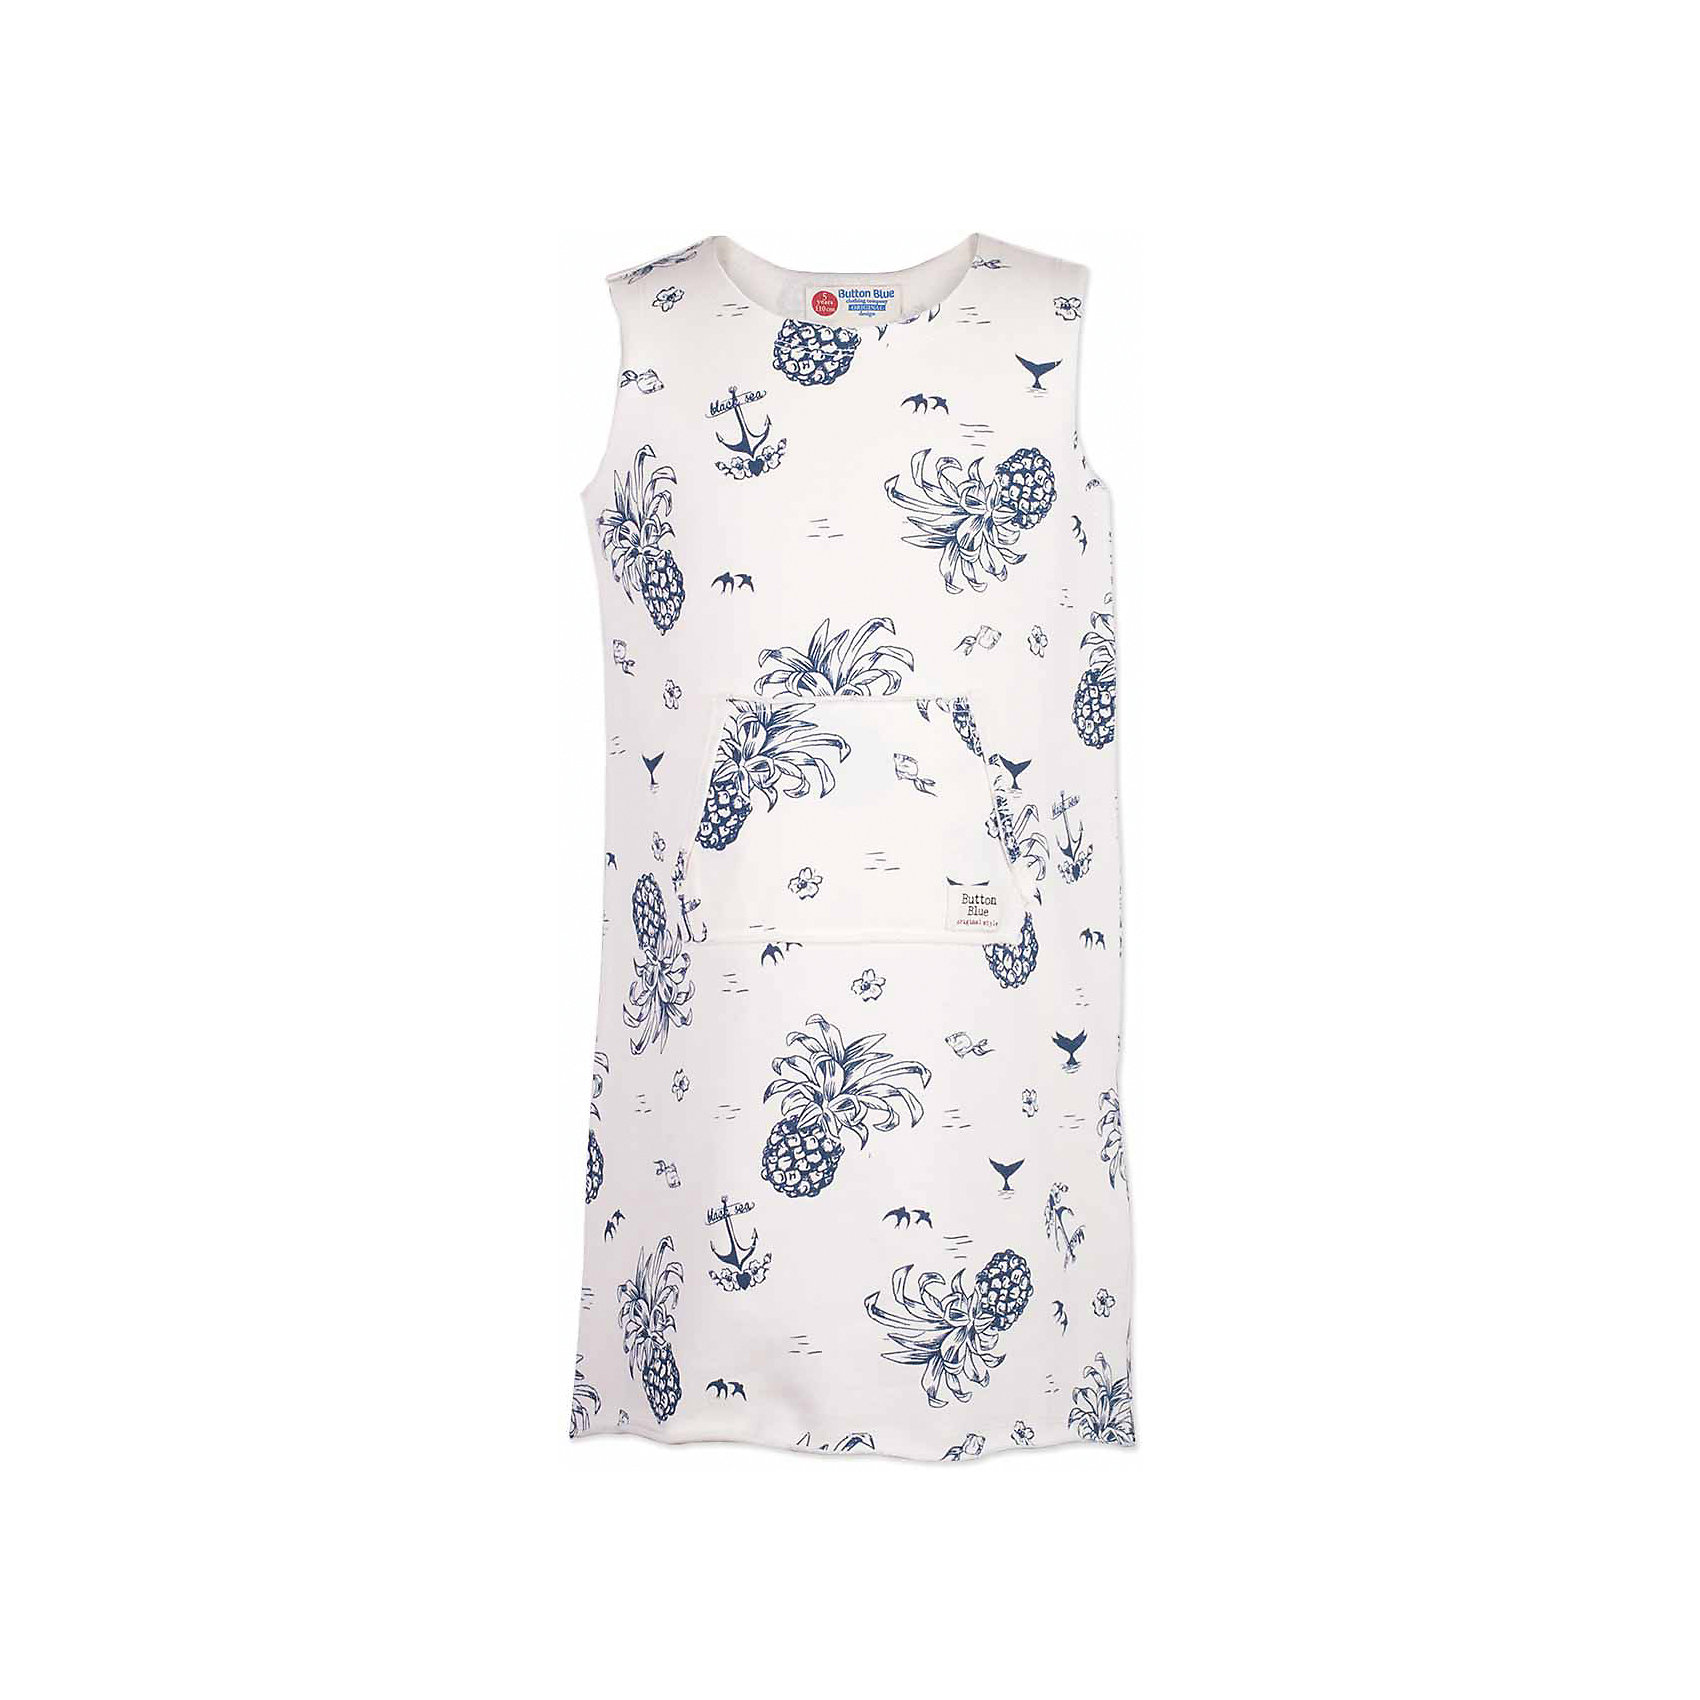 Платье для девочки  BUTTON BLUEПлатья и сарафаны<br>Платье для девочки  BUTTON BLUE<br>Хит прогулочного летнего гардероба, трикотажное платье с рисунком, выглядит отлично! Модная форма с заниженной линией спинки,  красивый силуэт, детали делают платье идеальным решением на каждый день. Купить детское трикотажное платье от Button Blue, значит, позаботиться о комфорте и прекрасном внешнем виде своего ребенка.<br>Состав:<br>60% хлопок 40% полиэстер<br><br>Ширина мм: 236<br>Глубина мм: 16<br>Высота мм: 184<br>Вес г: 177<br>Цвет: белый<br>Возраст от месяцев: 144<br>Возраст до месяцев: 156<br>Пол: Женский<br>Возраст: Детский<br>Размер: 158,110,98,104,116,122,128,134,140,146,152<br>SKU: 5523433